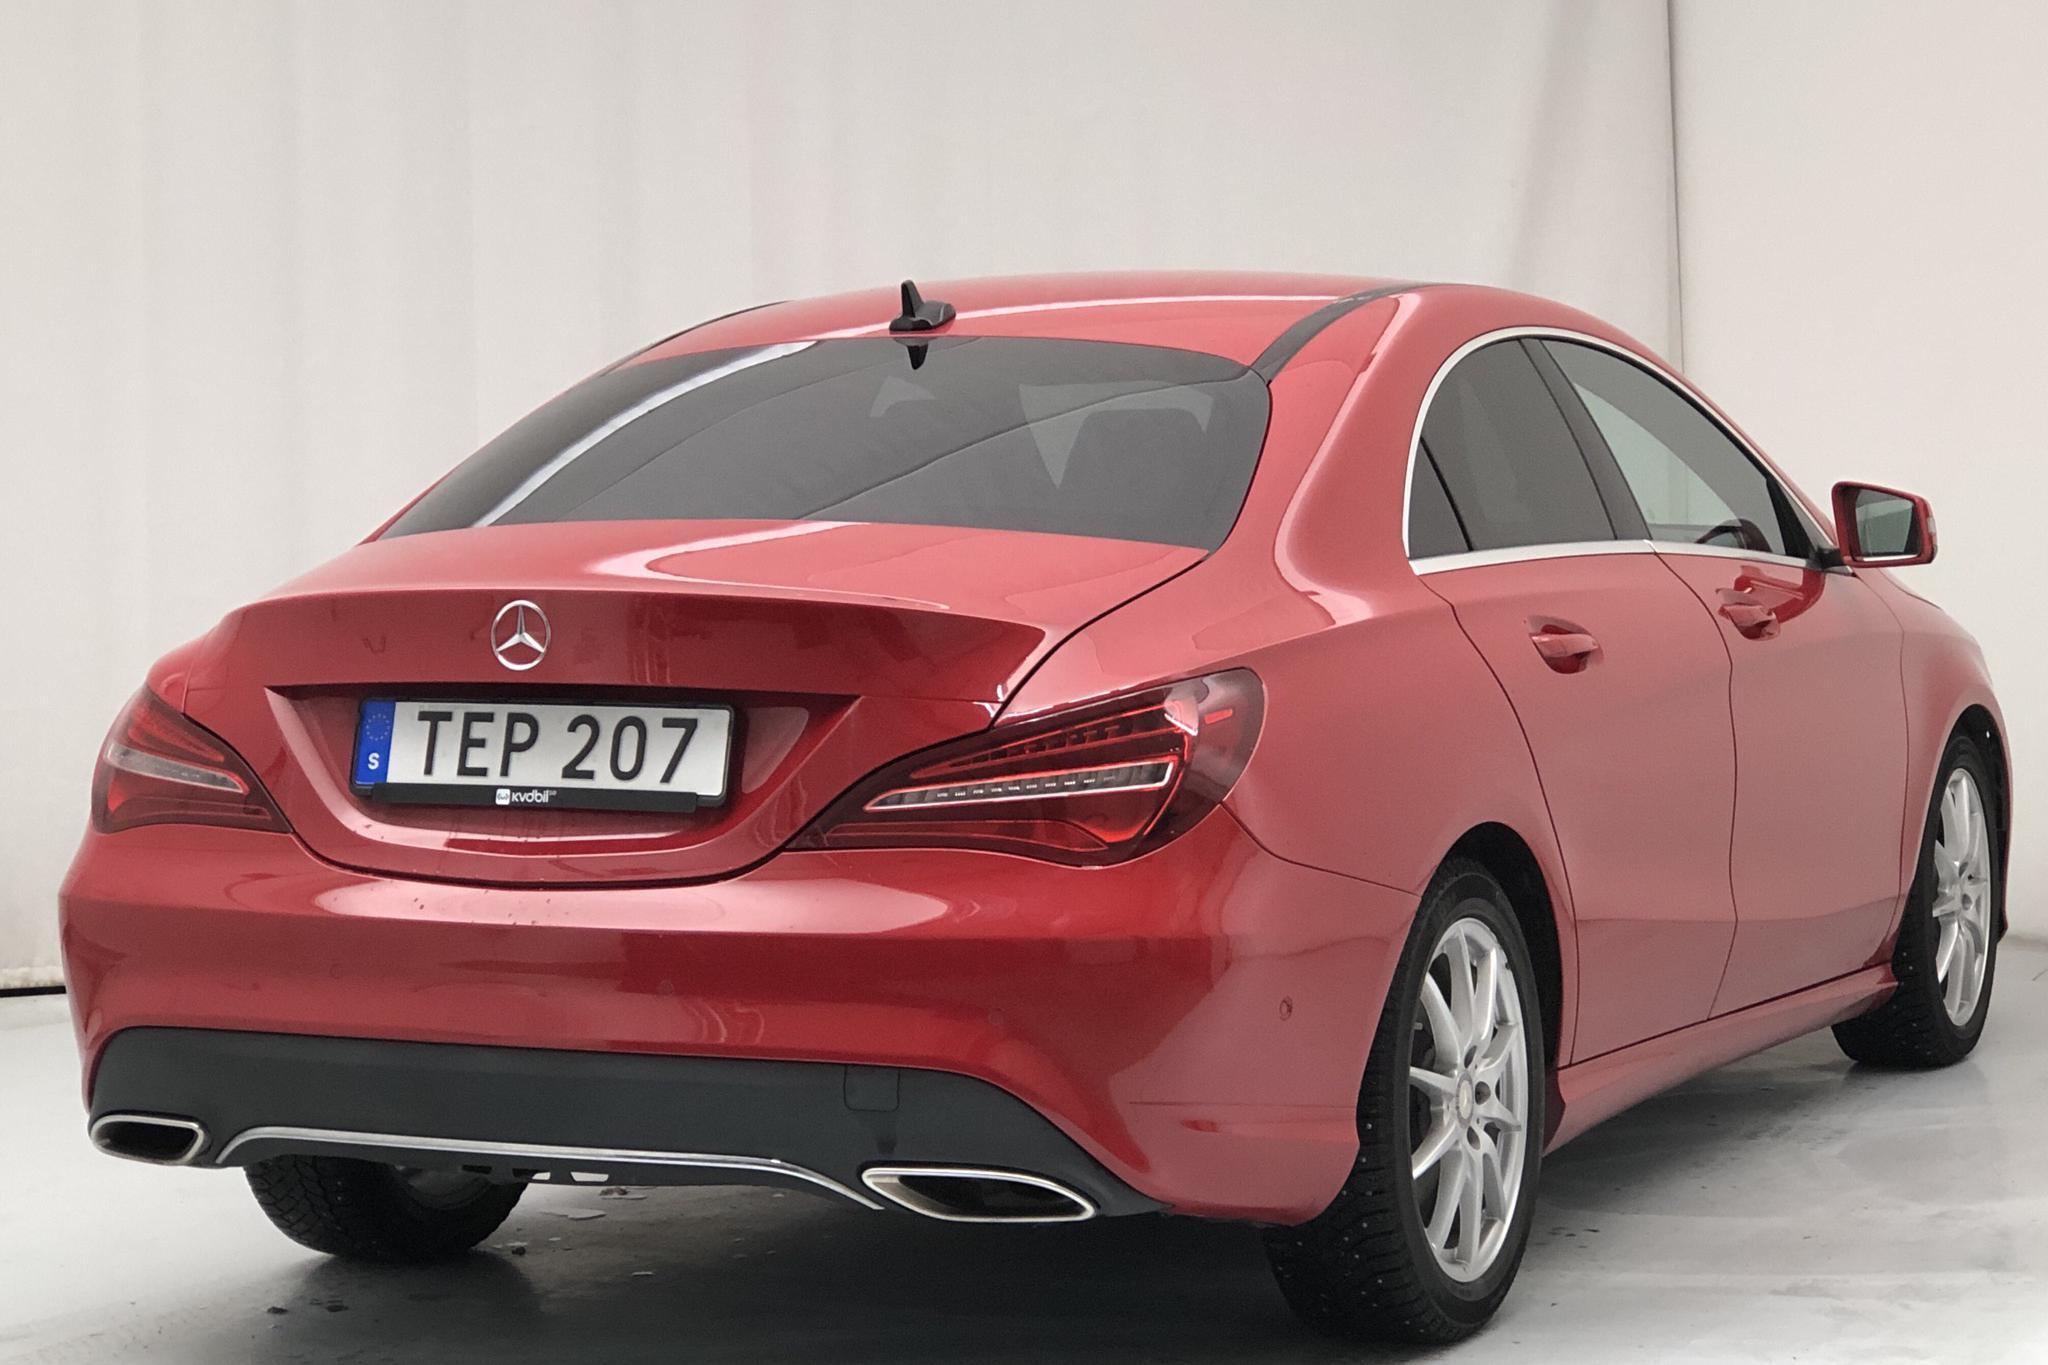 Mercedes CLA 250 Coupé C117 (211hk) - 3 940 mil - Automat - röd - 2017